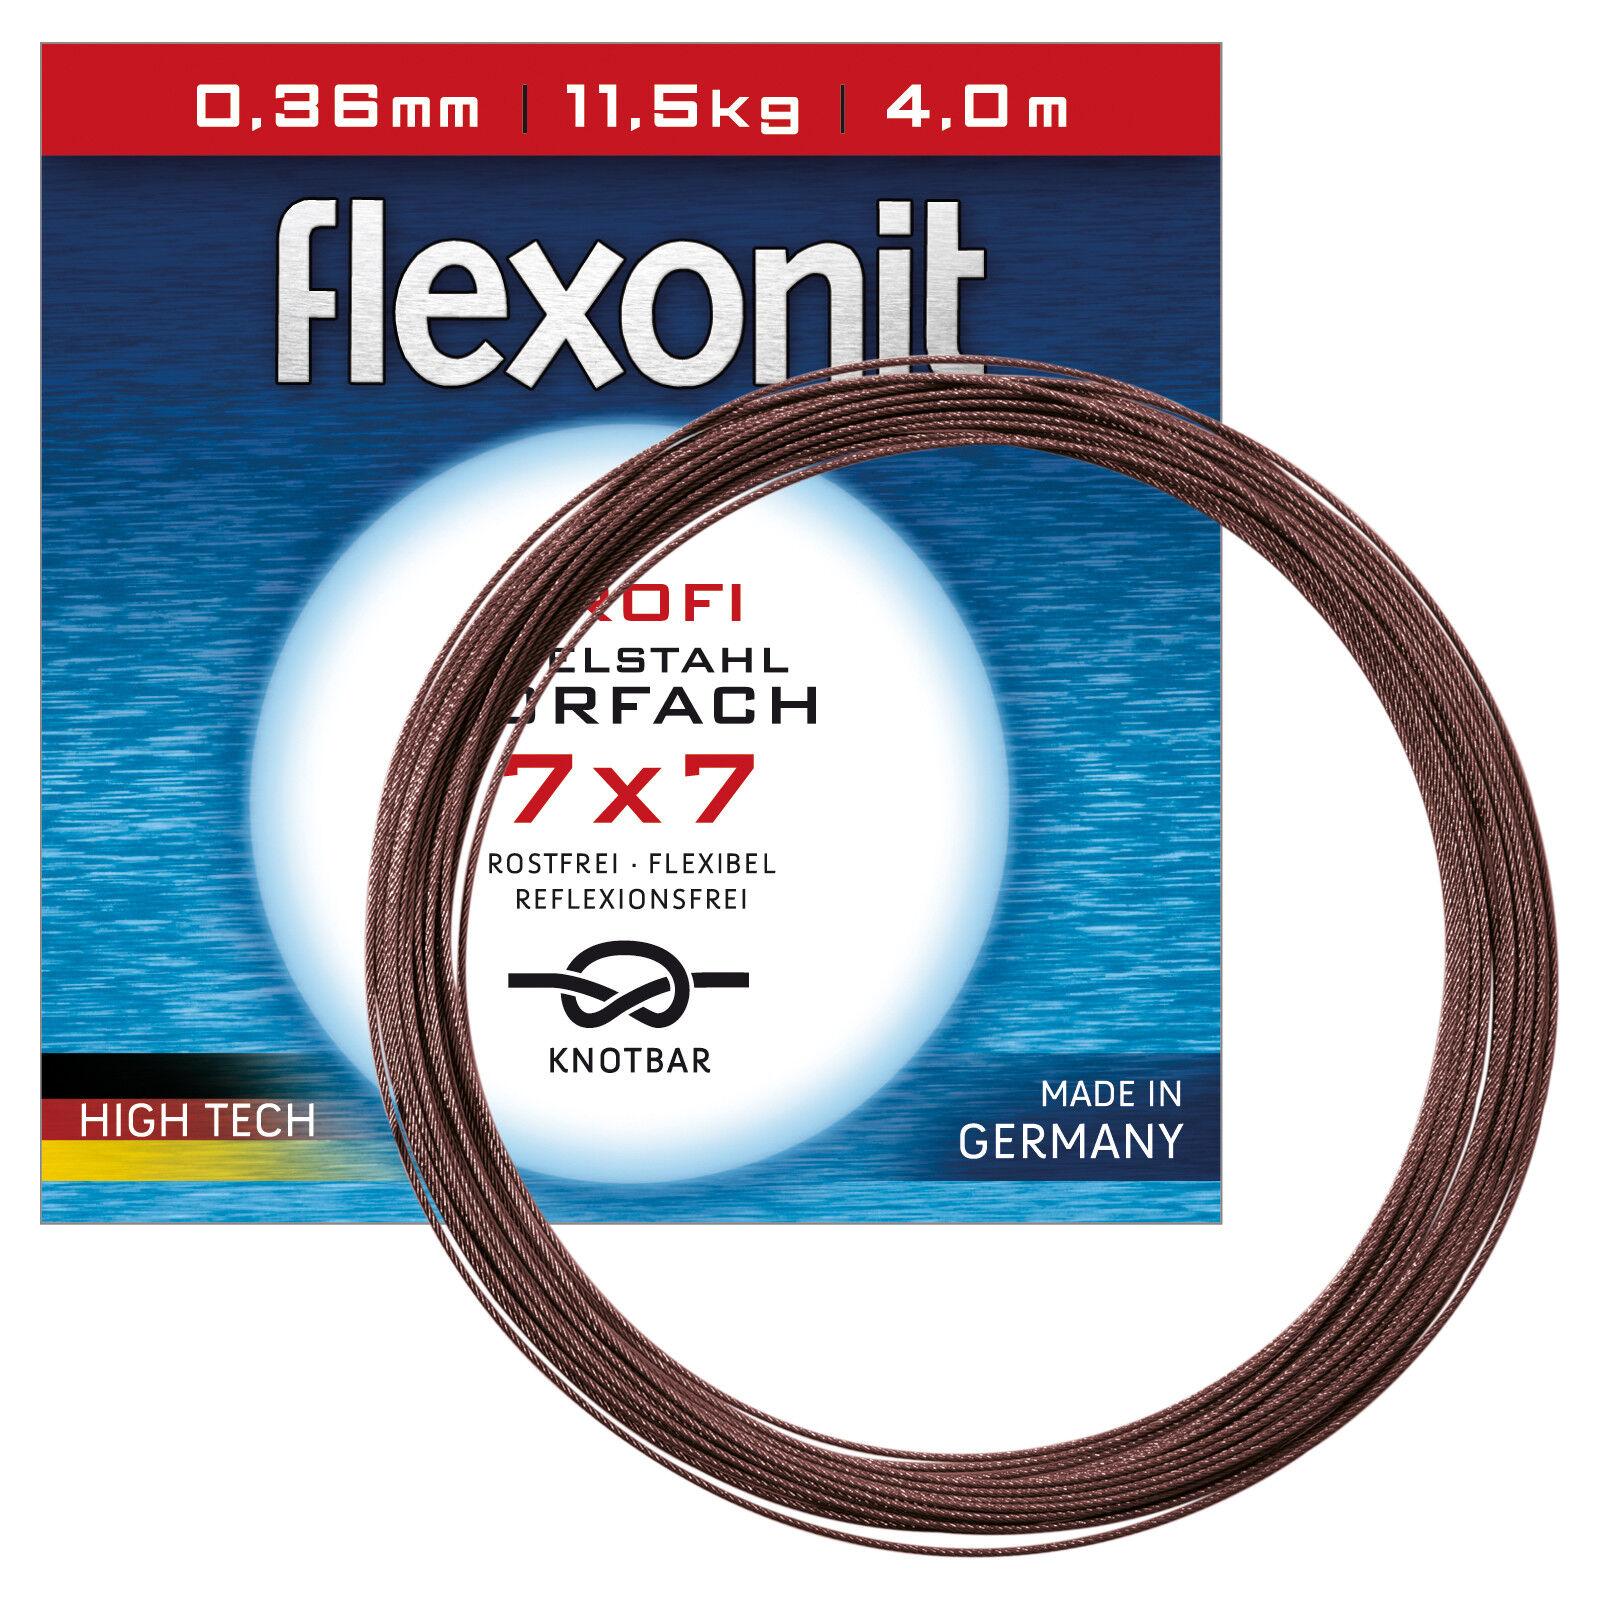 1,28eurm flexonit ACCIAIO i terminali pesca metraggio  7x7 0,54mm 24,0kg 100m